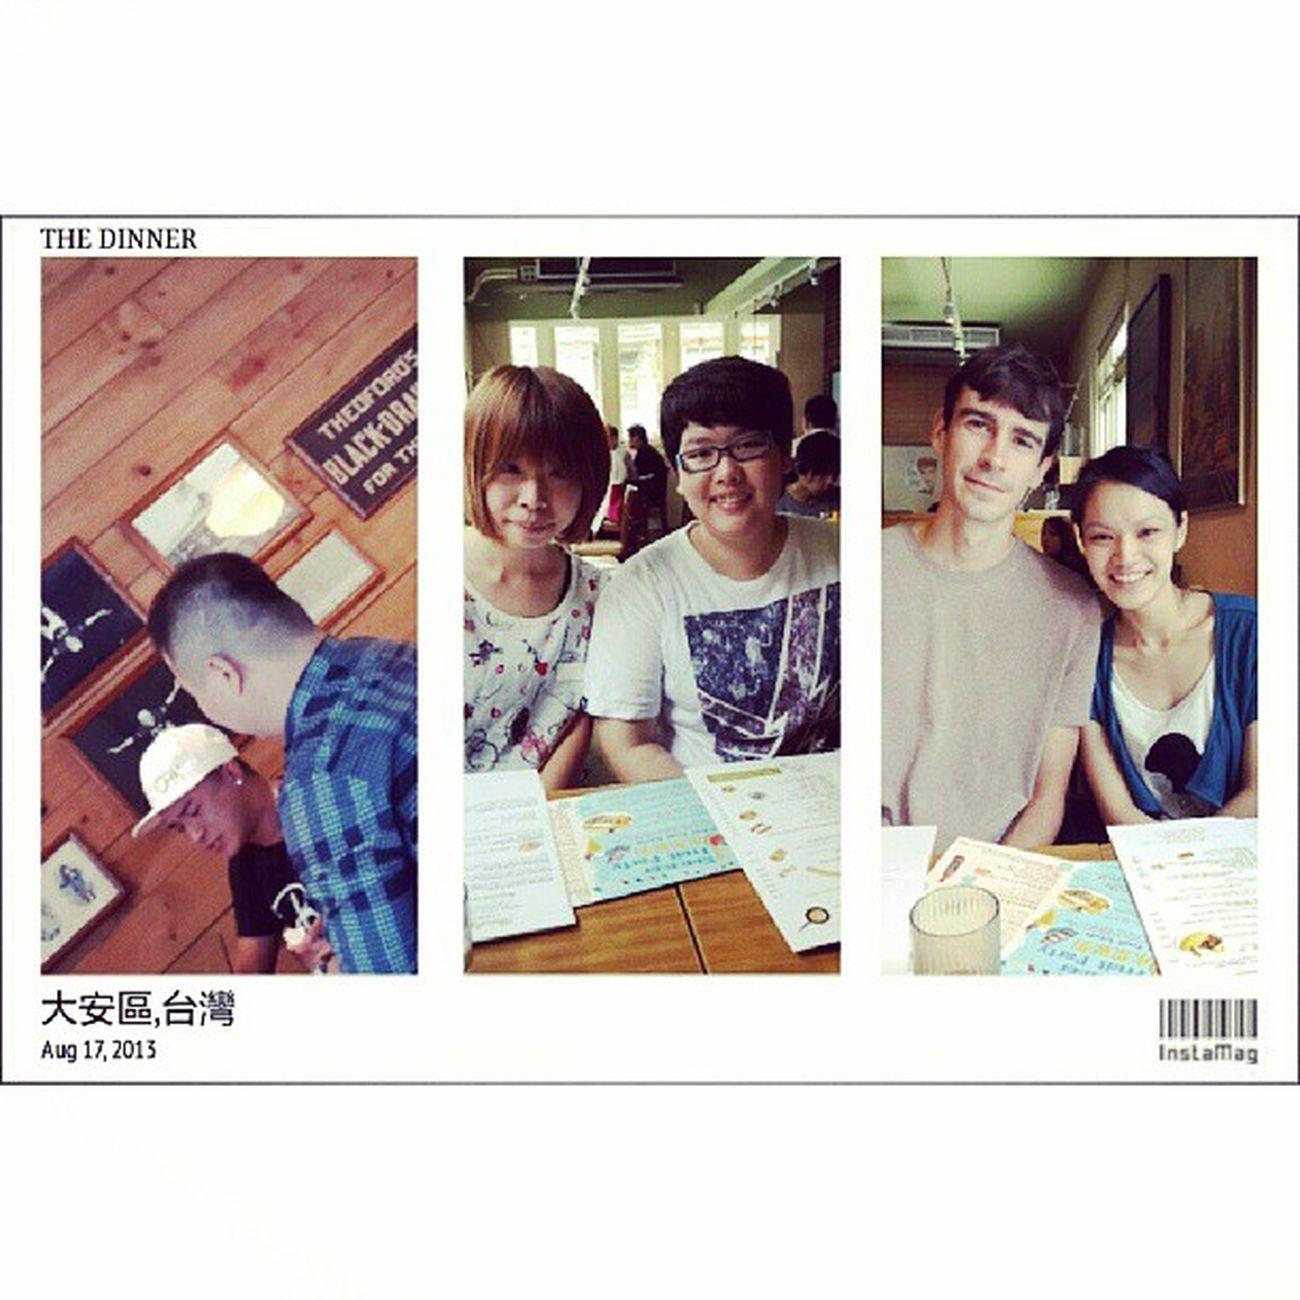 吃吃喝喝 welcome Dylan to Taiwan .